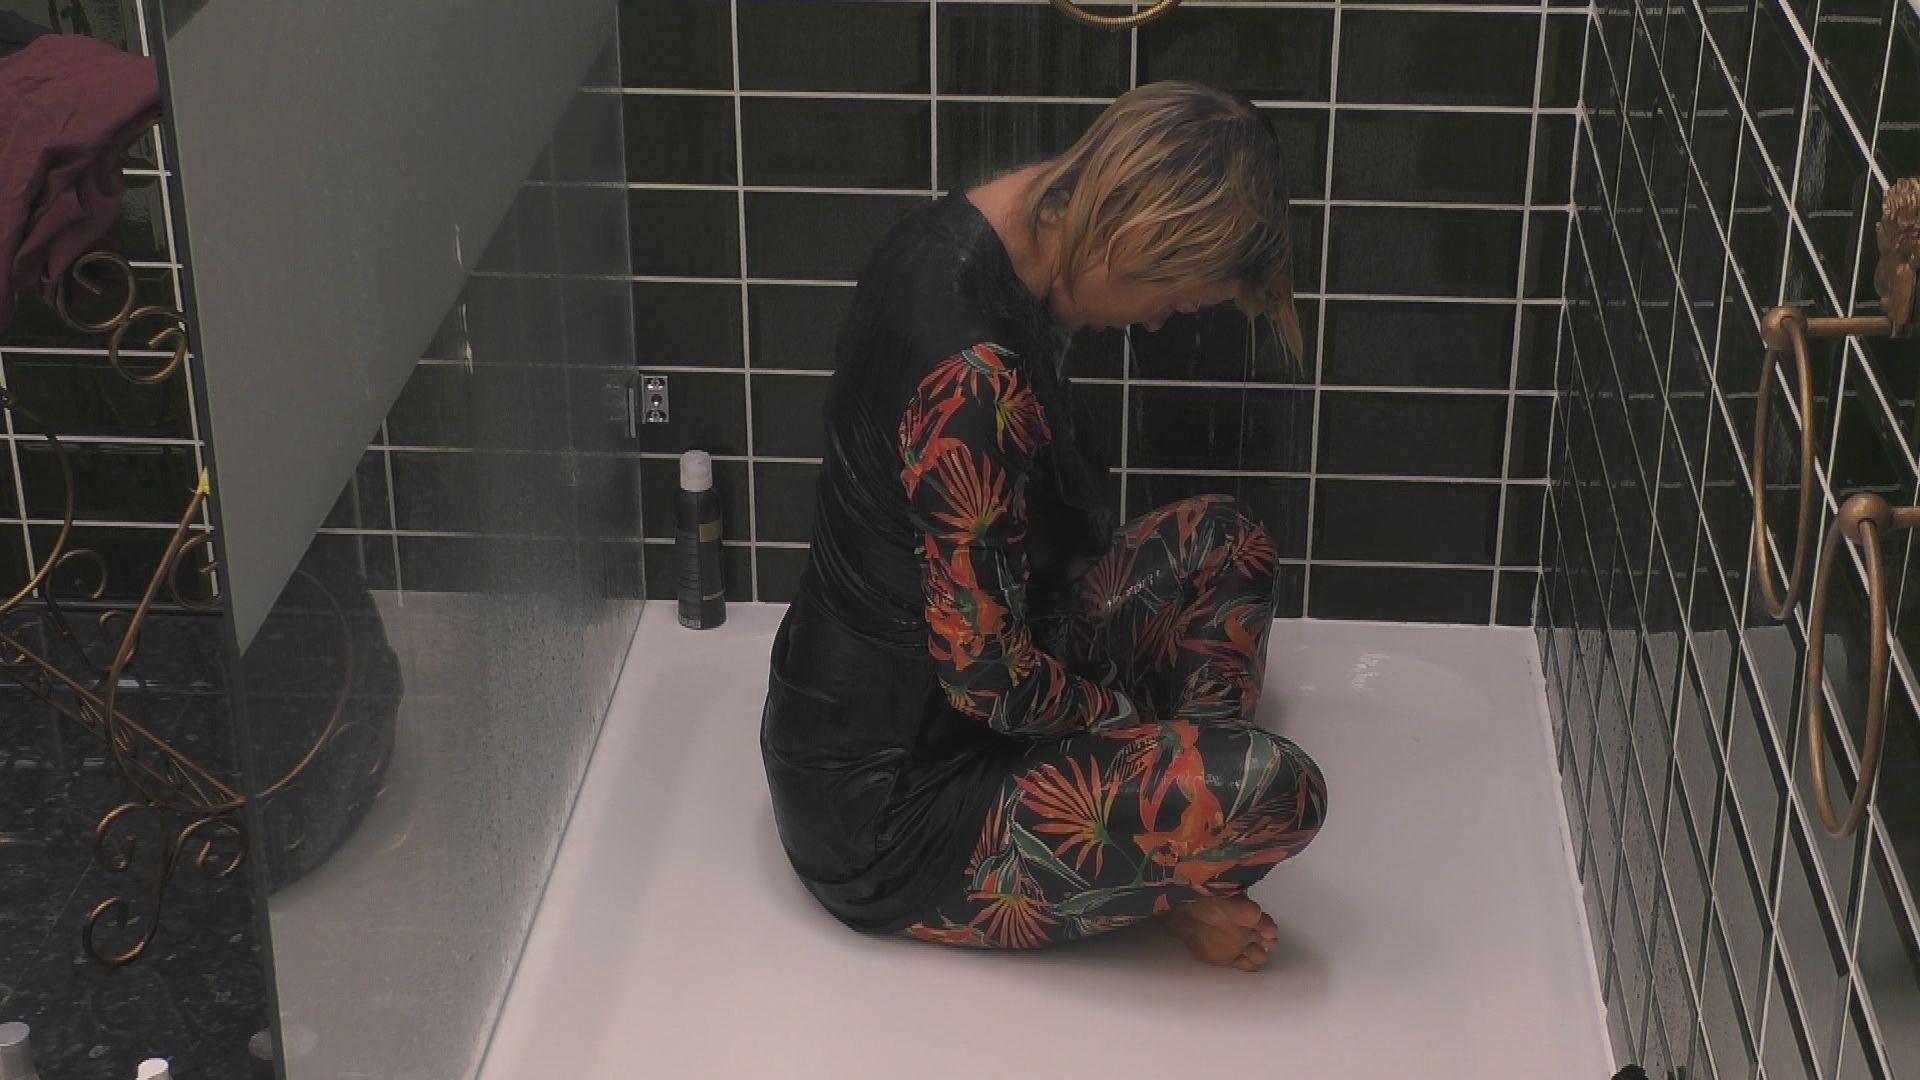 Mit klamotten duschen